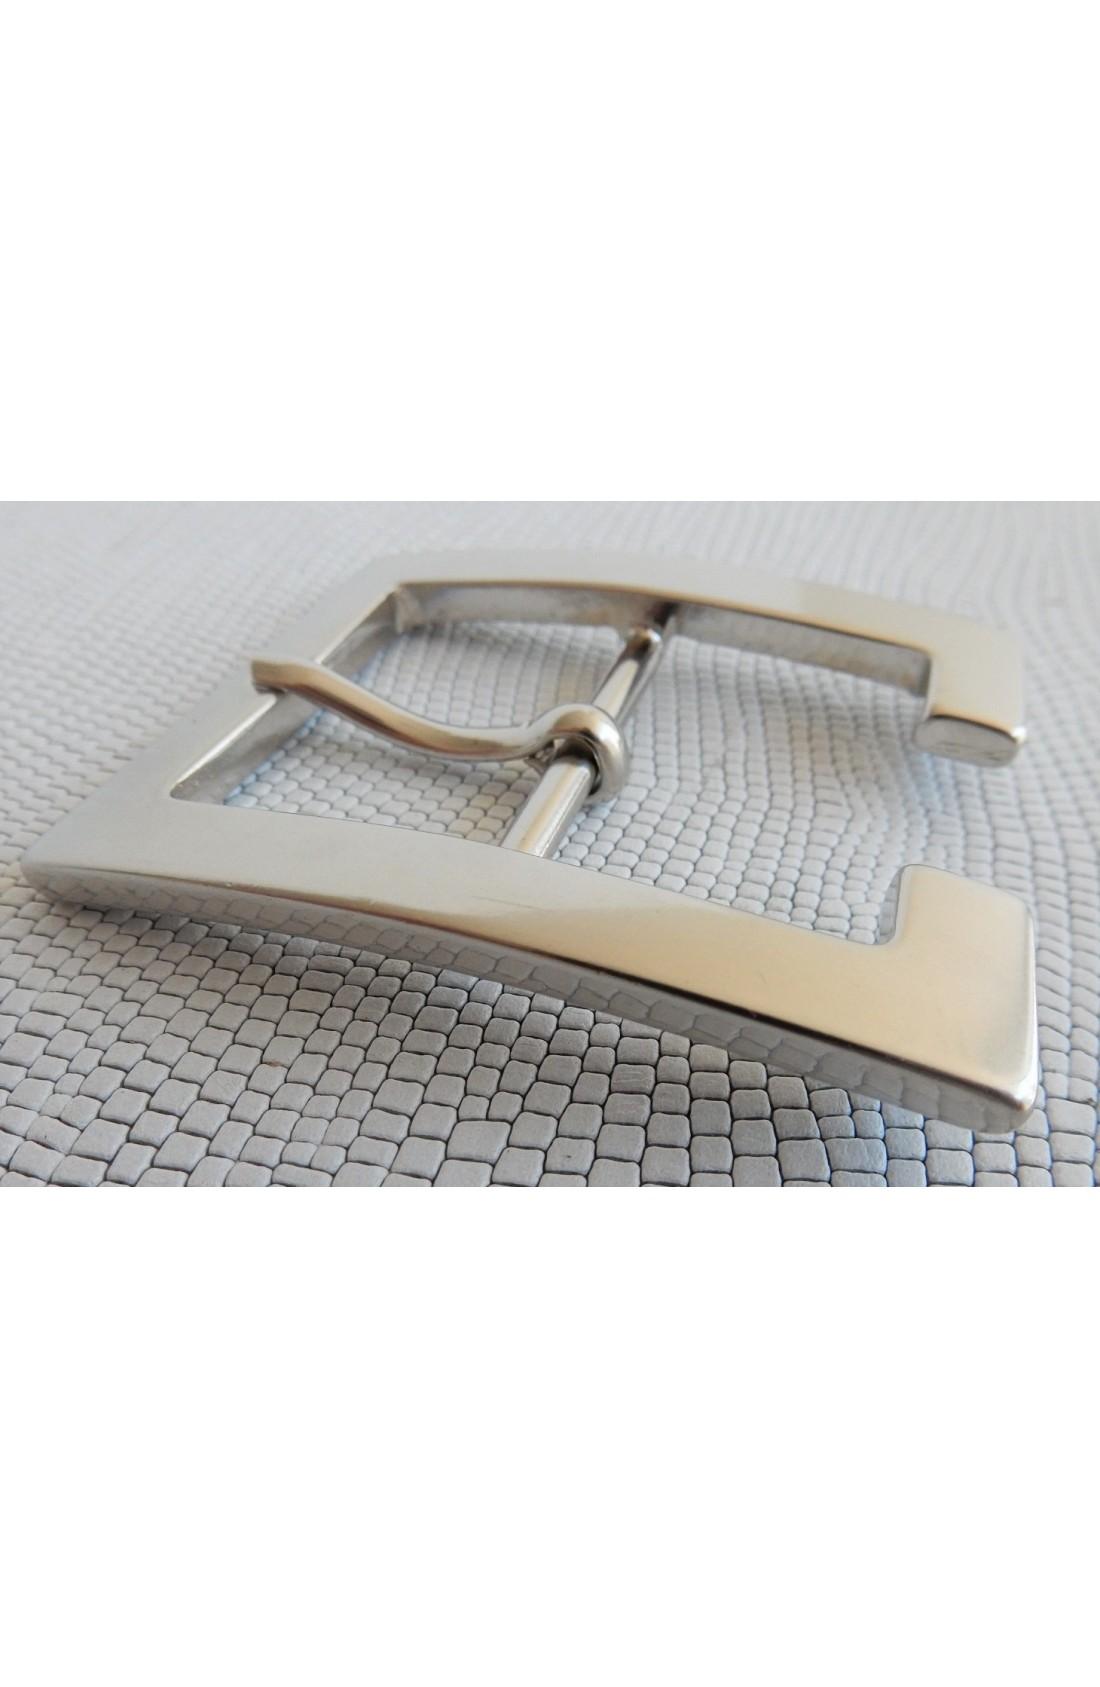 Fibbia standard B 907 mm.35 nikel satinato (2)